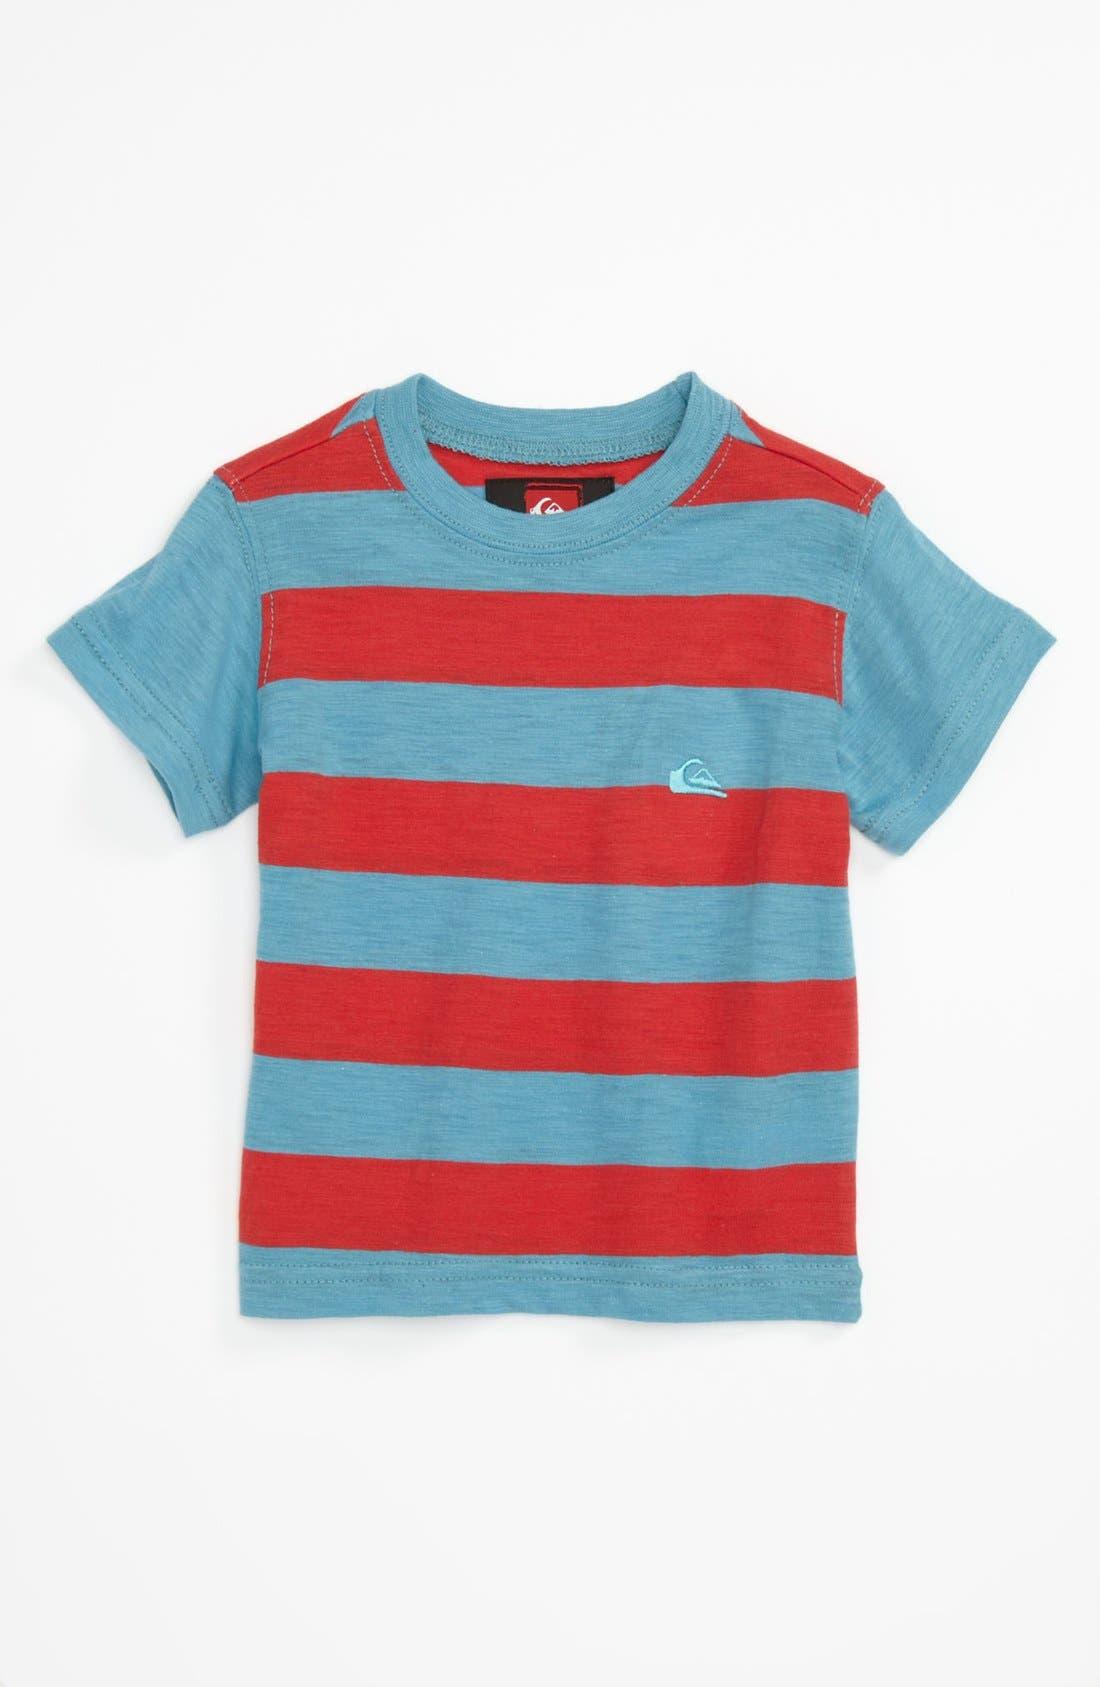 Main Image - Quiksilver 'Zebra Juice' T-Shirt (Baby)